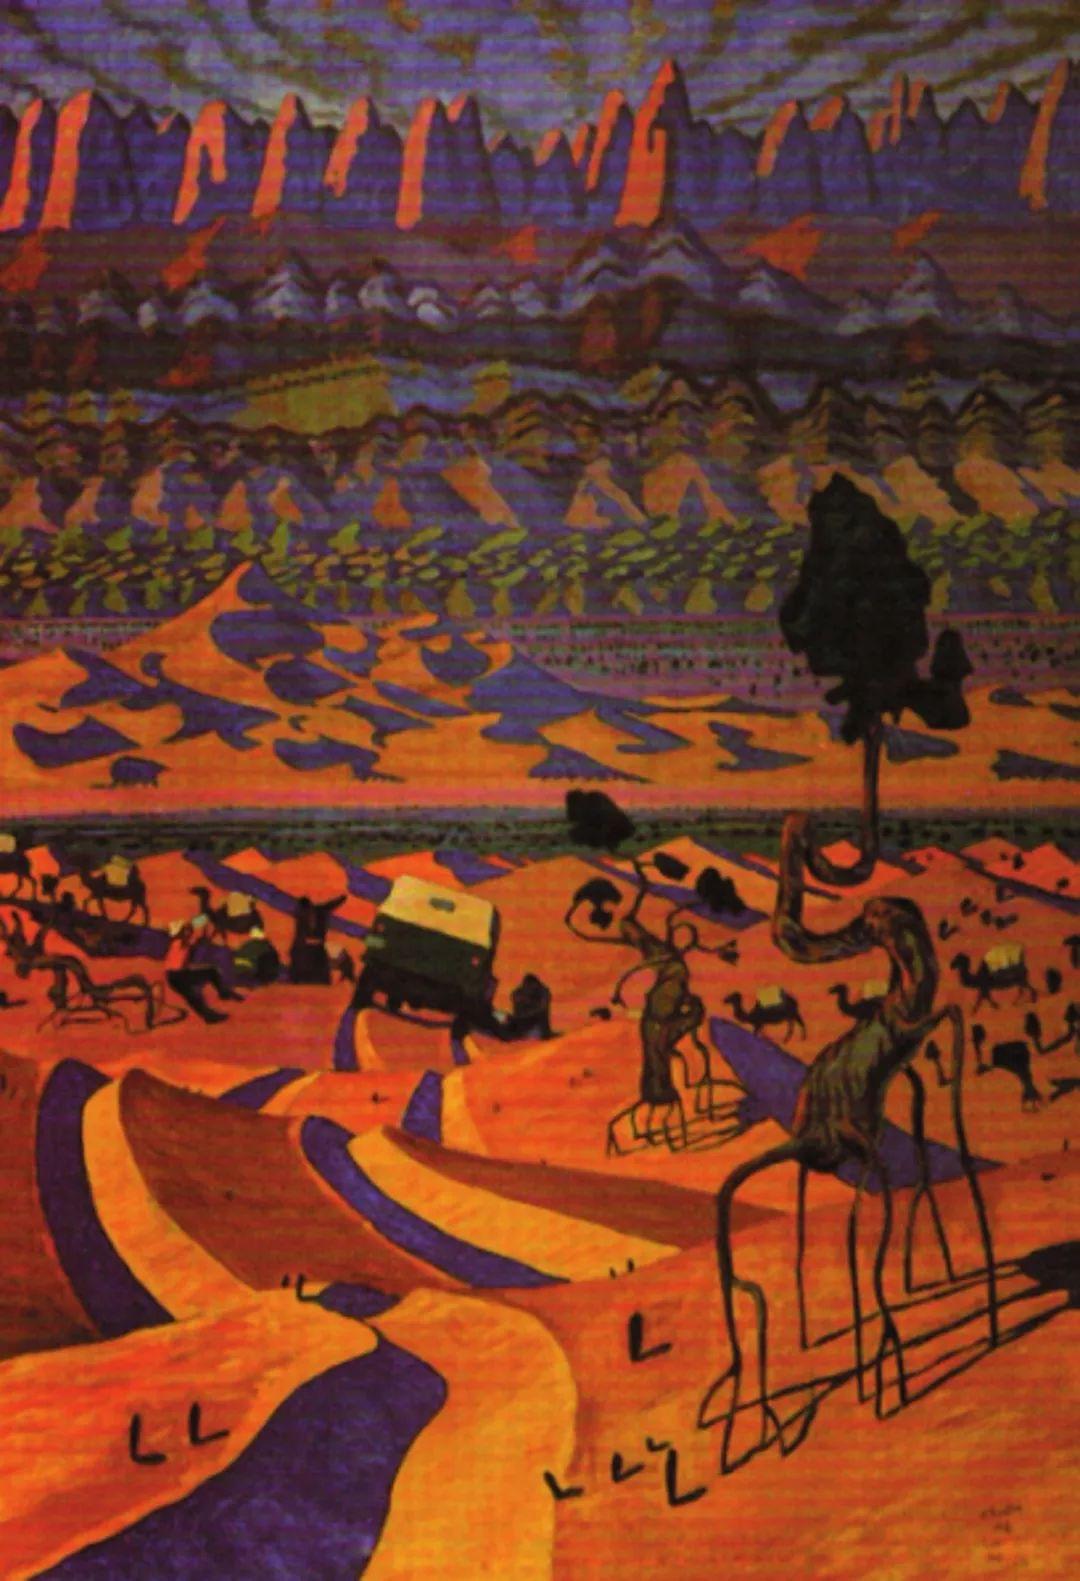 【艺术】蒙古国现当代绘画艺术的起源 第3张